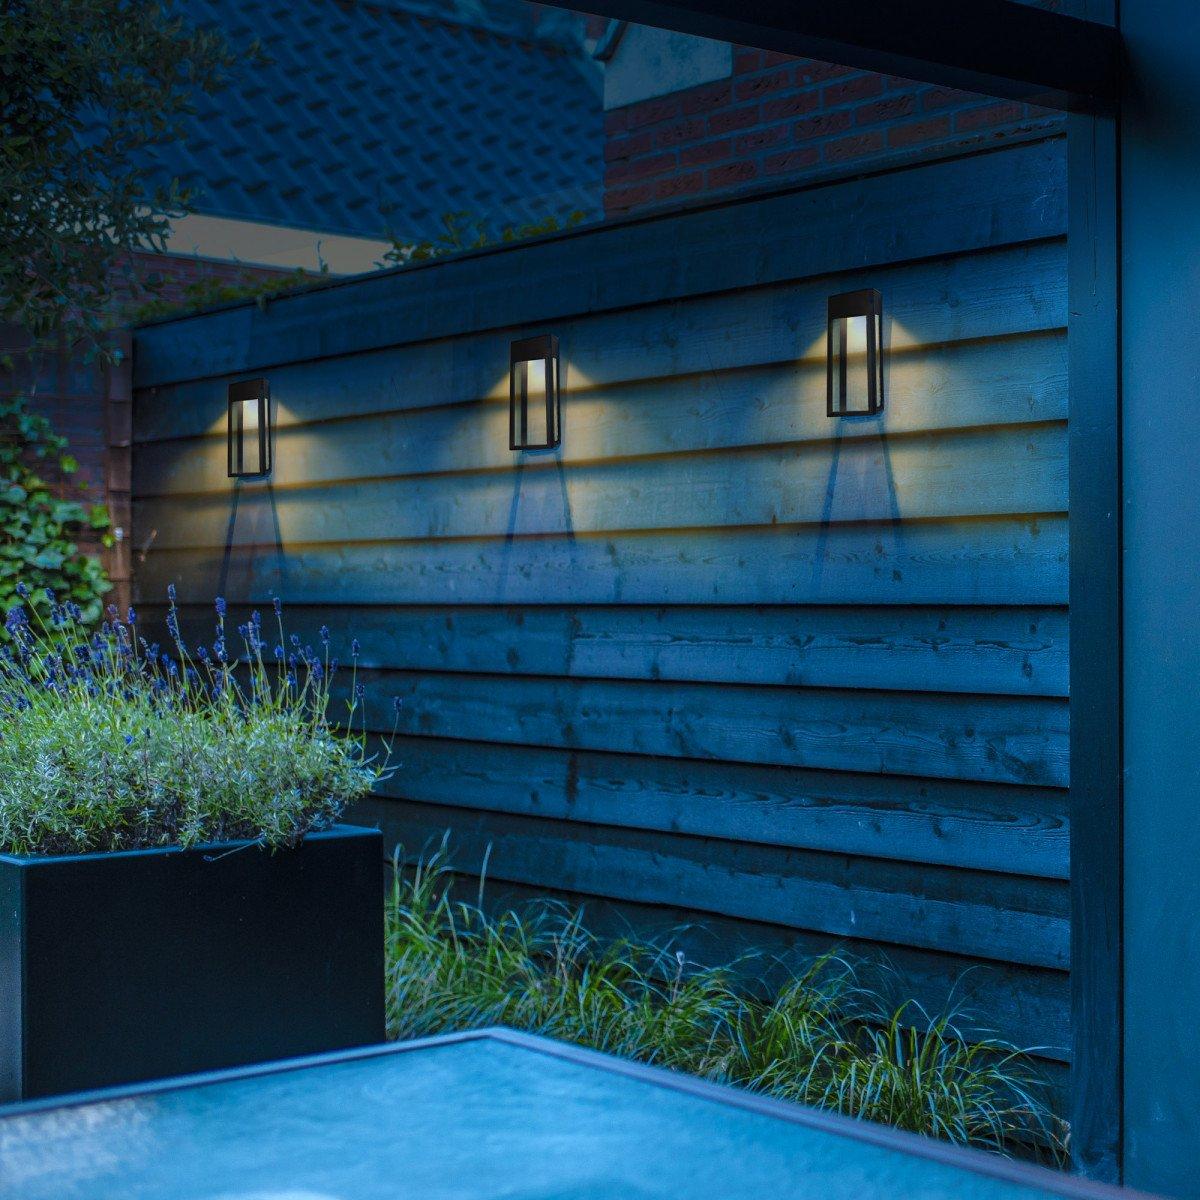 sfeerverlichting buiten - LED solar Wandlamp Zwart Solario - Nostalux solar buitenlampen